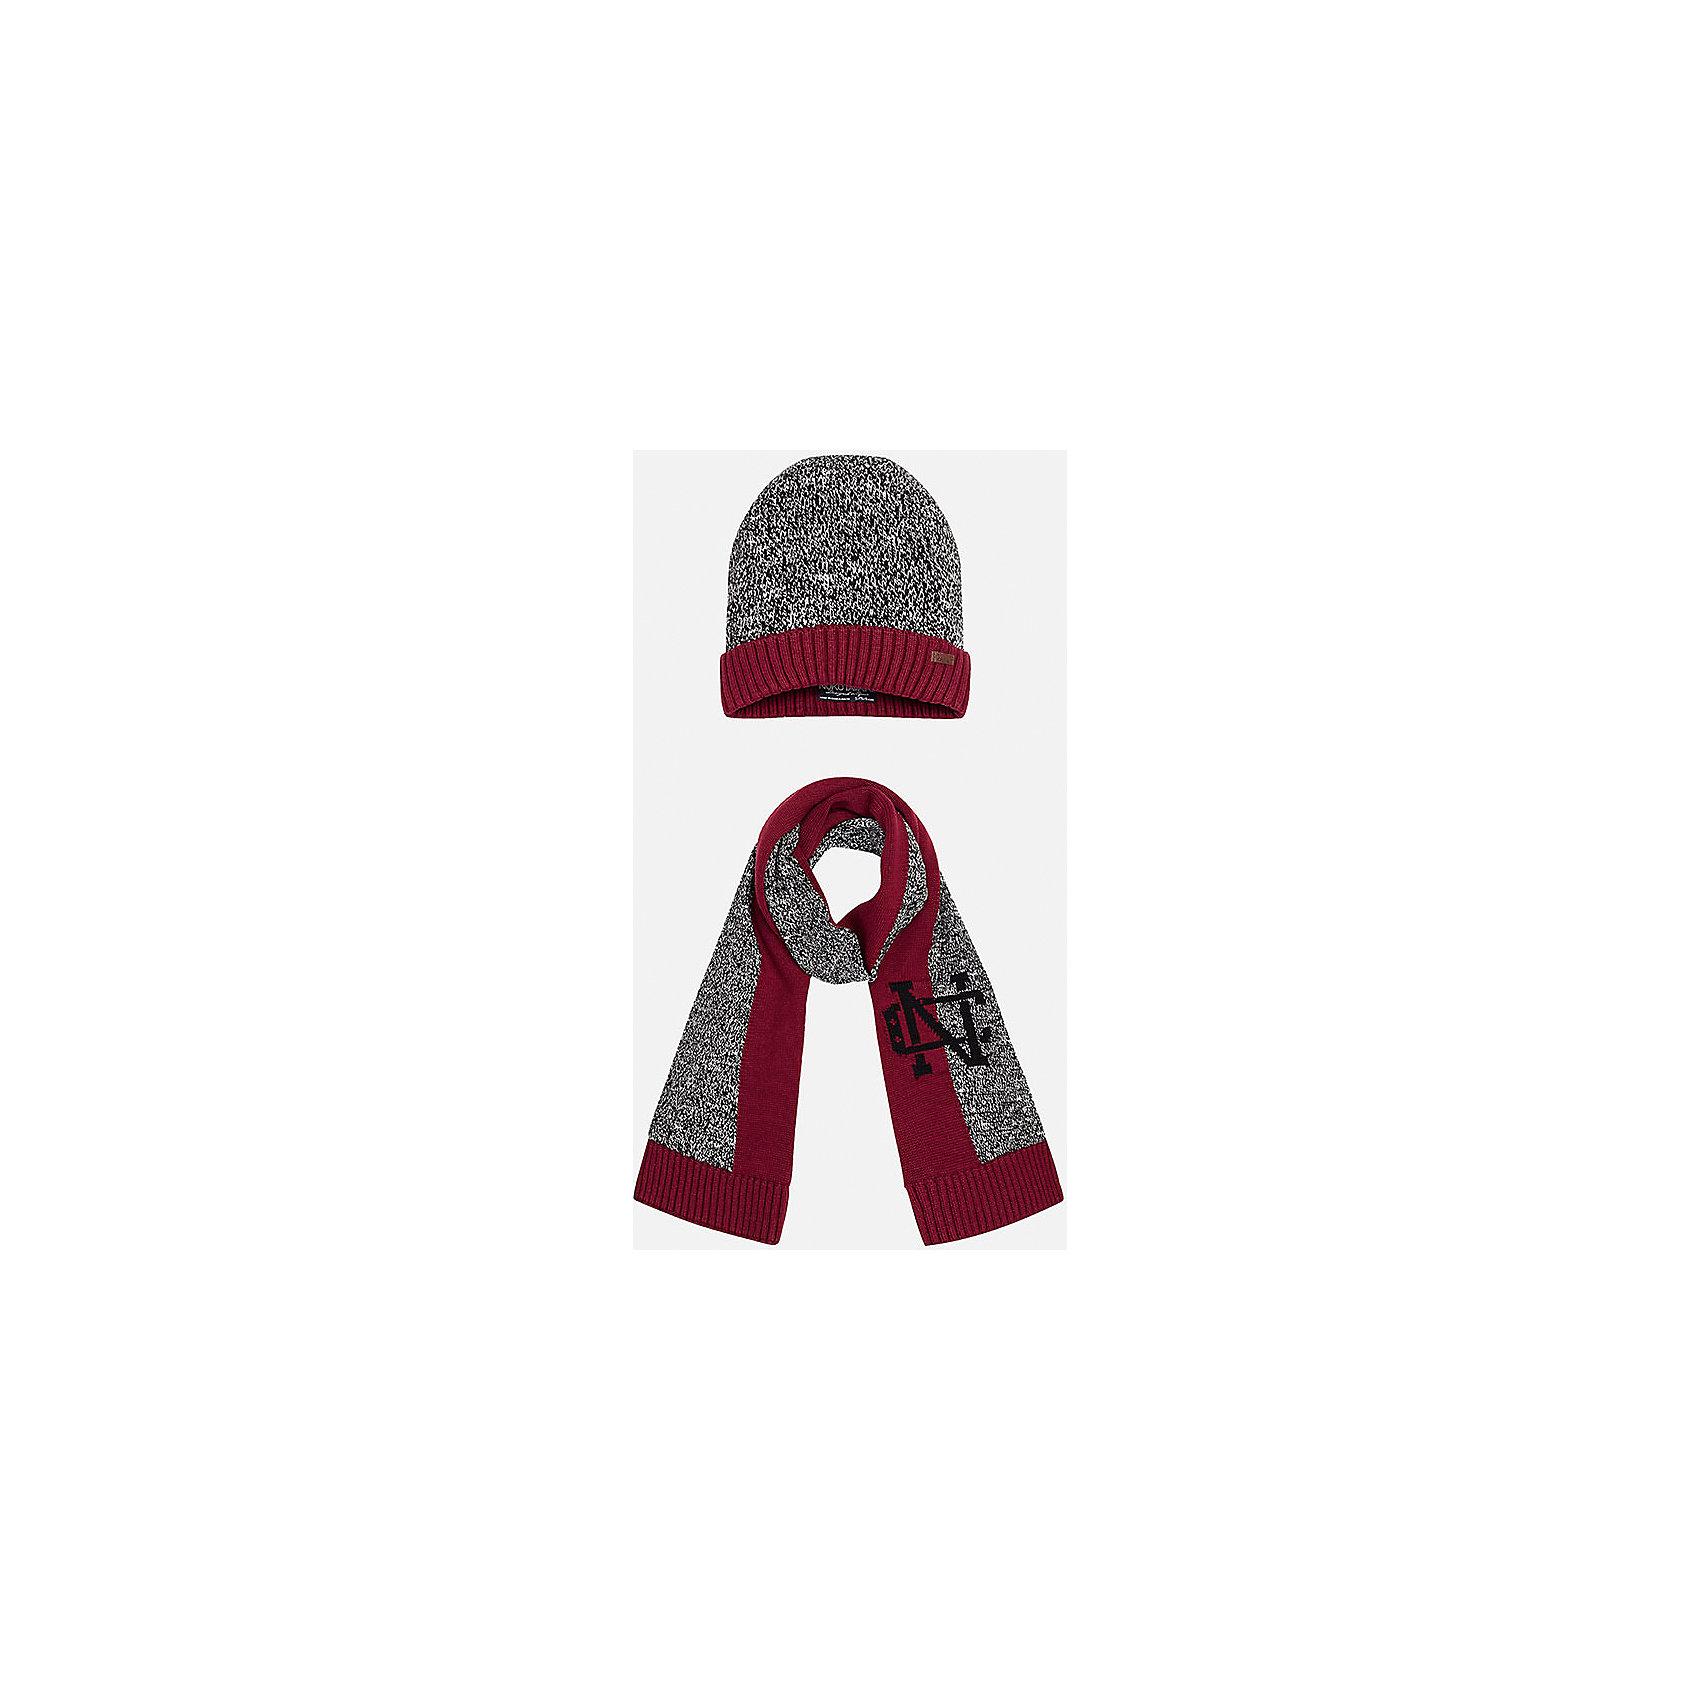 Комплект: шапка-шарф для мальчика MayoralКомплект из шапки и шарфа для мальчика от известного испанского бренда Mayoral. Изготовлены из 100% хлопка, приятного телу. Оригинальная расцветка с эмблемой - то, что нужно стильному джентльмену!<br>Дополнительная информация:<br>-цвет: красный/серый<br>-состав: 100% хлопок<br>Комплект из шапки и шарфа Mayoral вы можете приобрести в нашем интернет-магазине.<br><br>Ширина мм: 89<br>Глубина мм: 117<br>Высота мм: 44<br>Вес г: 155<br>Цвет: бордовый<br>Возраст от месяцев: 72<br>Возраст до месяцев: 84<br>Пол: Мужской<br>Возраст: Детский<br>Размер: 54,52<br>SKU: 4820292